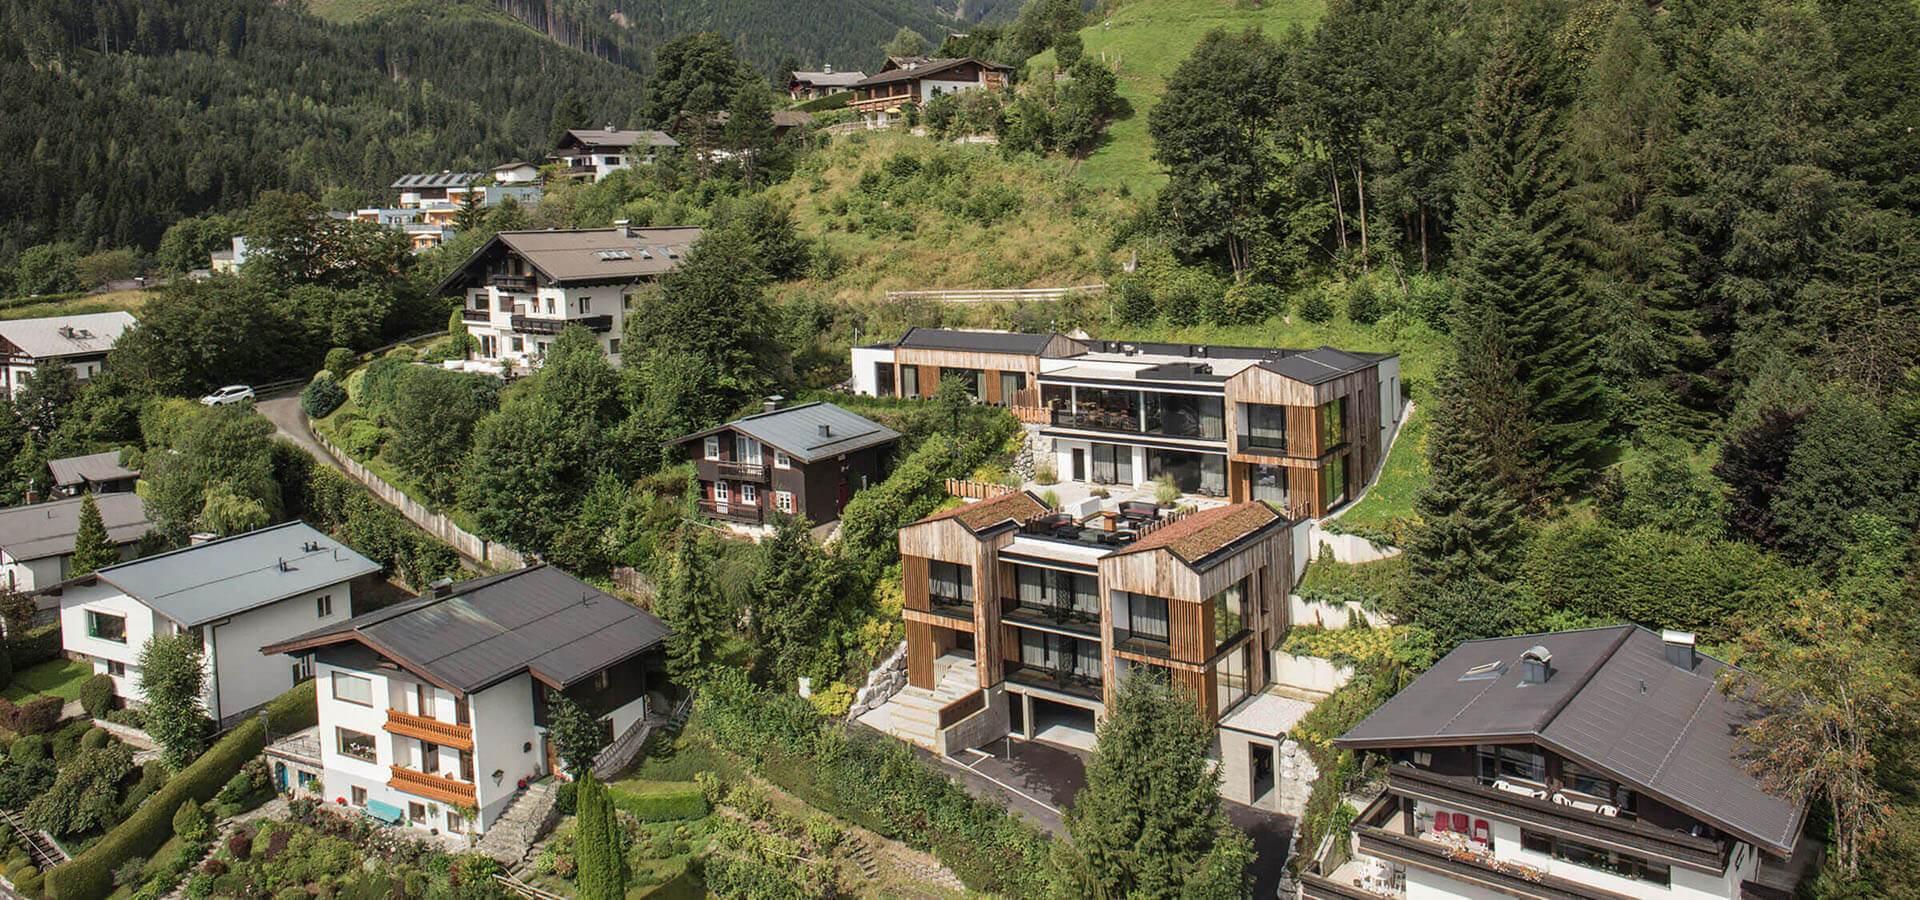 Senses violett suites designhotel in den bergen von zell for Designhotel in den bergen